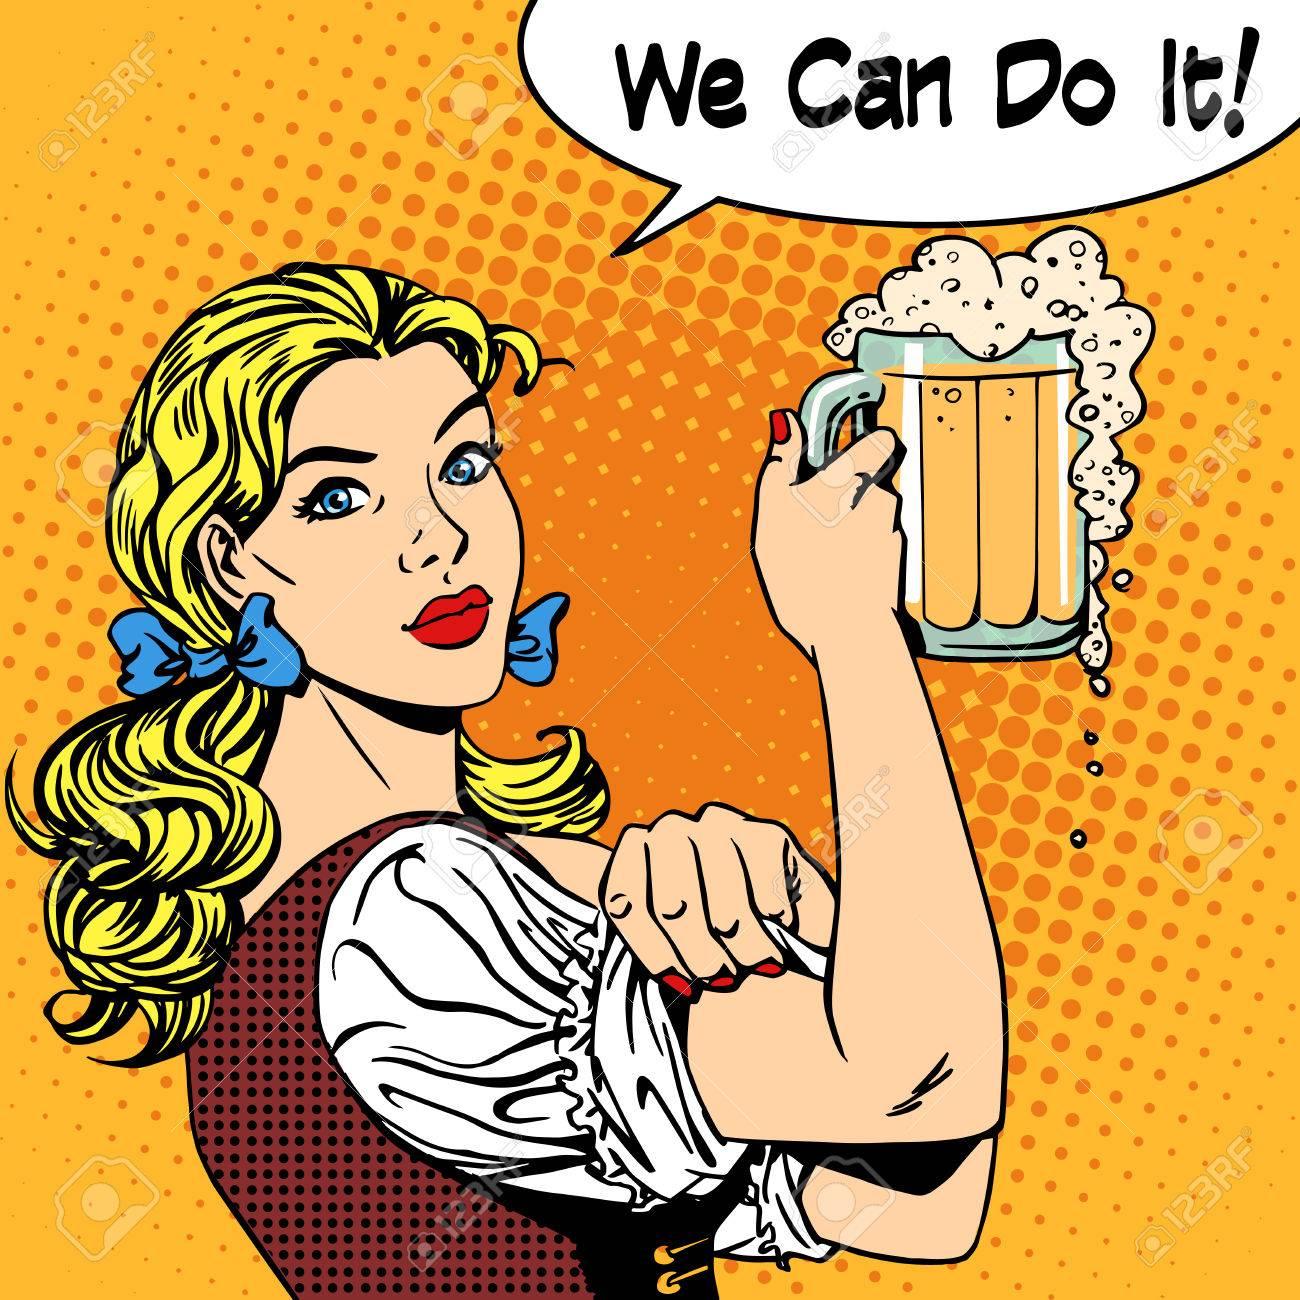 Mädchen Kellnerin Mit Bier Sagt, Dass Wir Es Schaffen Können ...